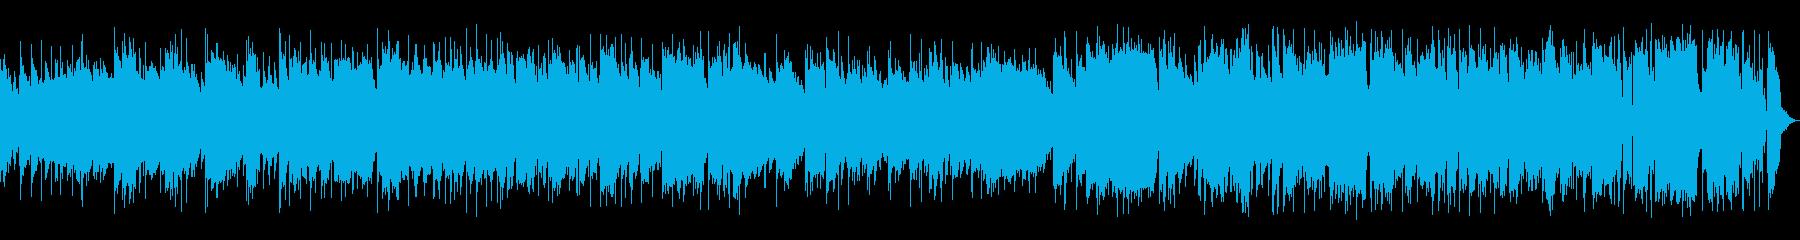 トランペットがメロディーの明るいジャズの再生済みの波形